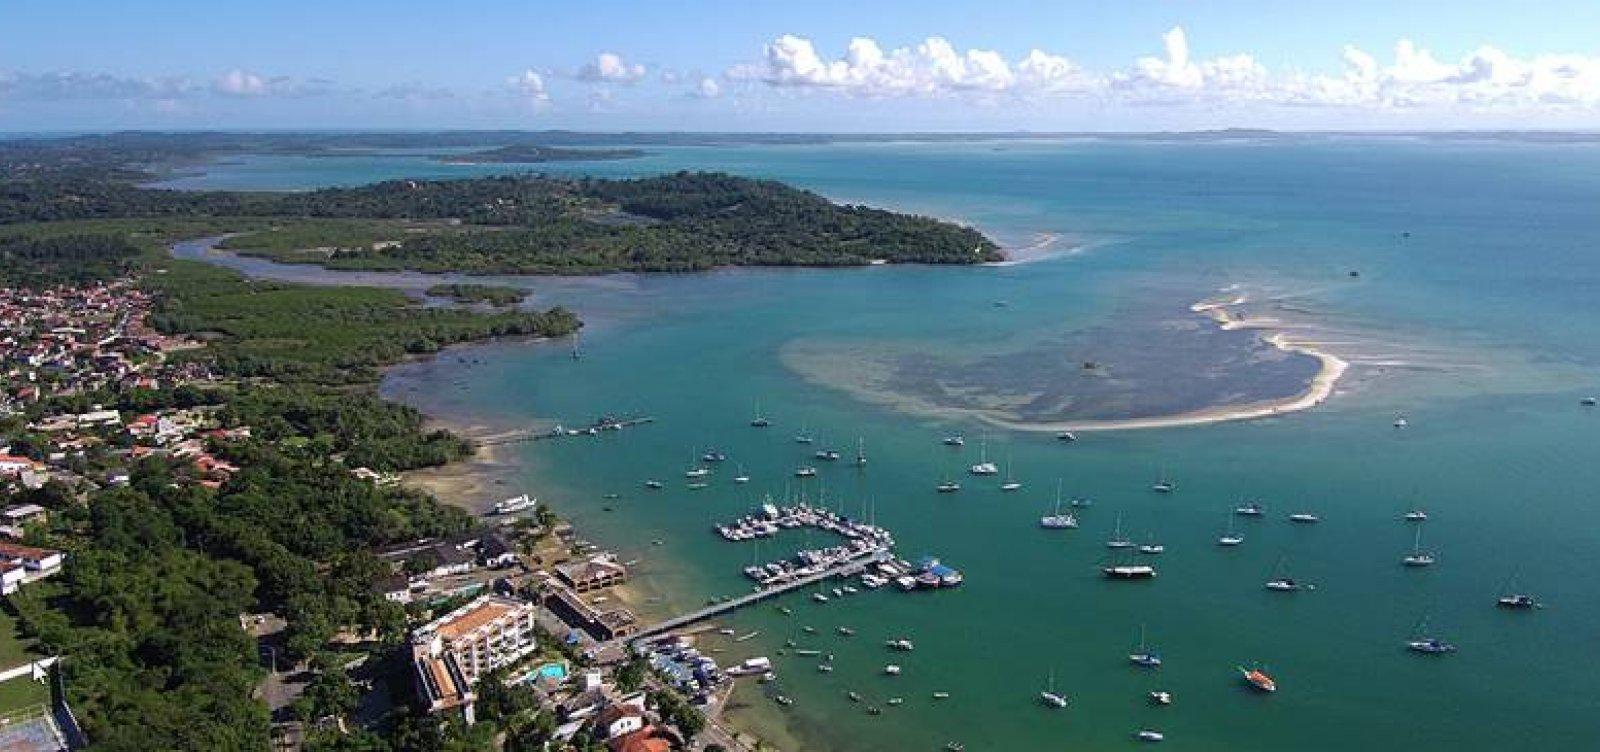 [Quatro pessoas são resgatadas em lancha à deriva na Ilha de Itaparica]